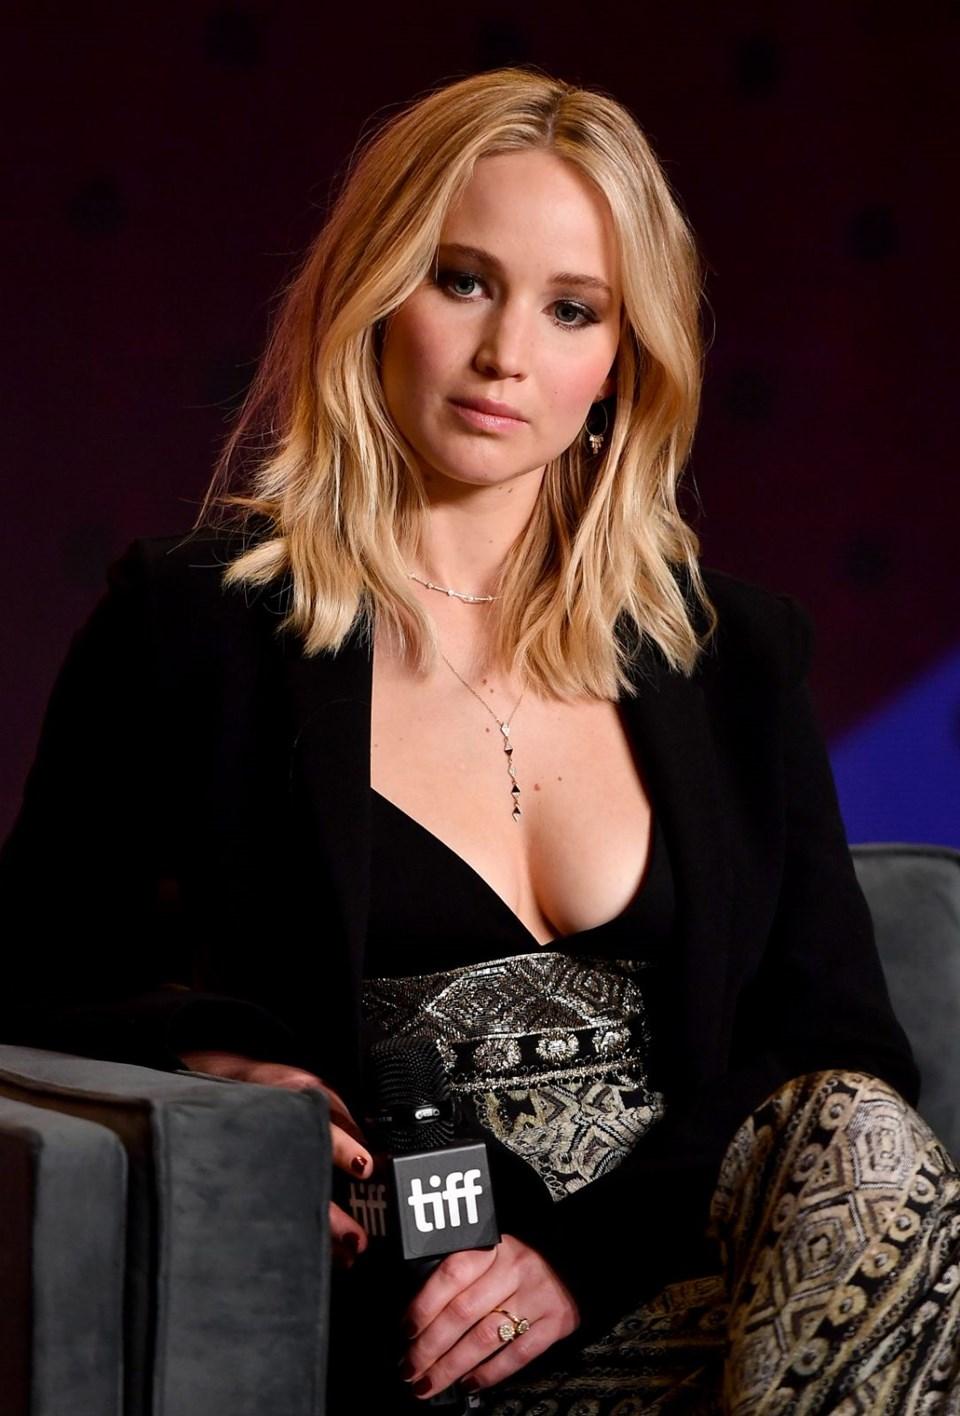 Jennifer Lawrence,Jennifer Lawrence fotoğrafları,Jennifer Lawrence kimdir